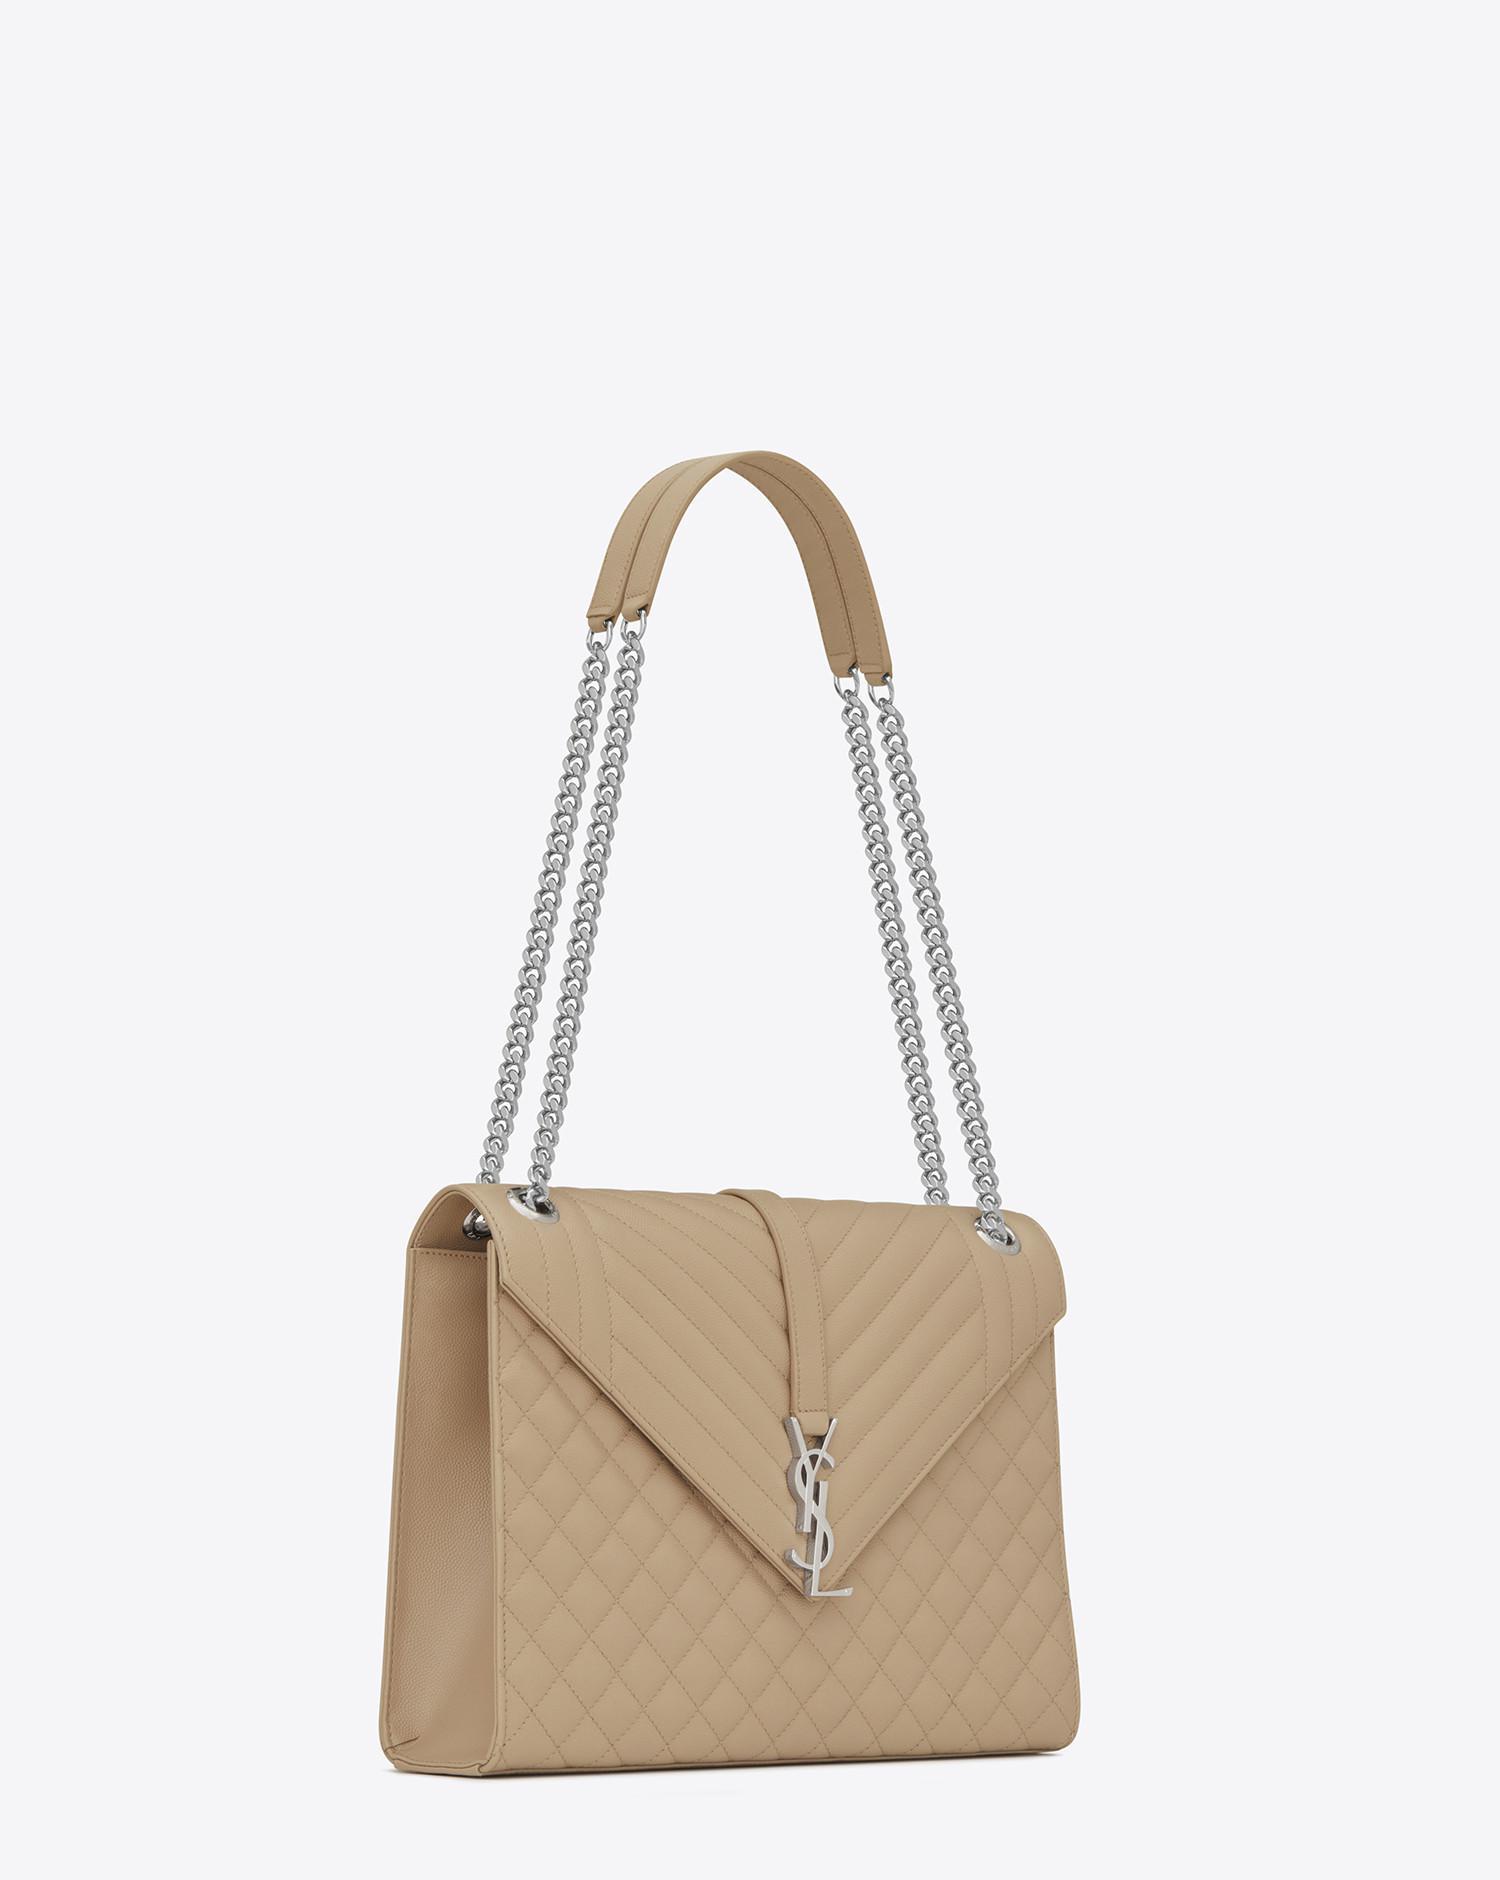 37ab218e7116 Saint Laurent Envelope Chain Bag In Grain De Poudre Embossed Leather ...